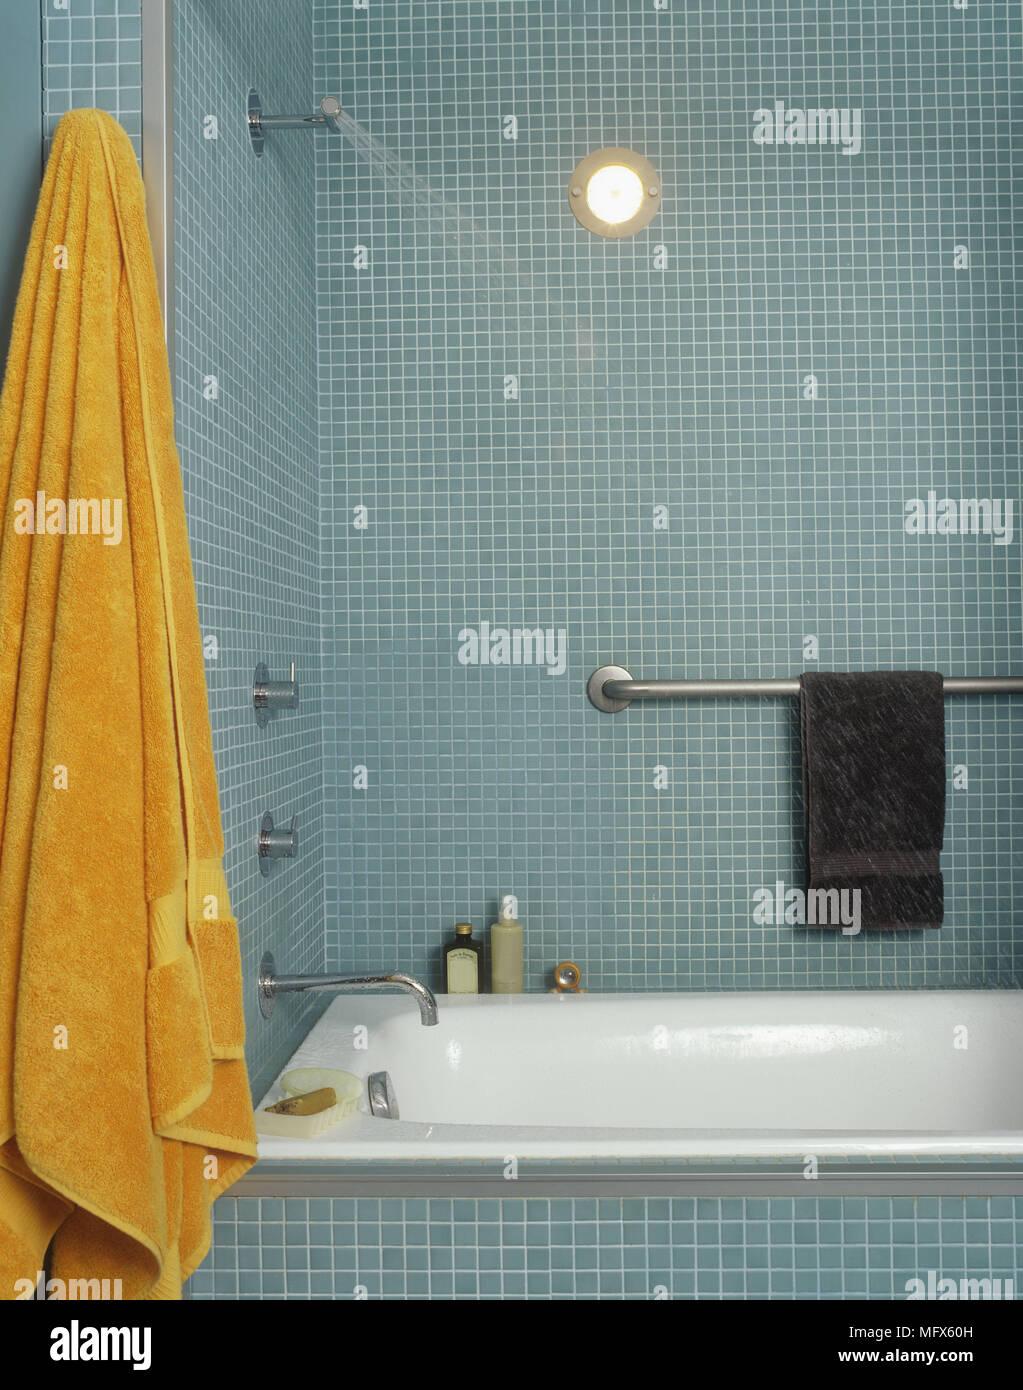 Une Salle De Bains Moderne Avec Des Murs Bleu Carreaux De Mosaïque  Baignoire Robinet Chromé Porte Serviette Serviette Orange Raccords